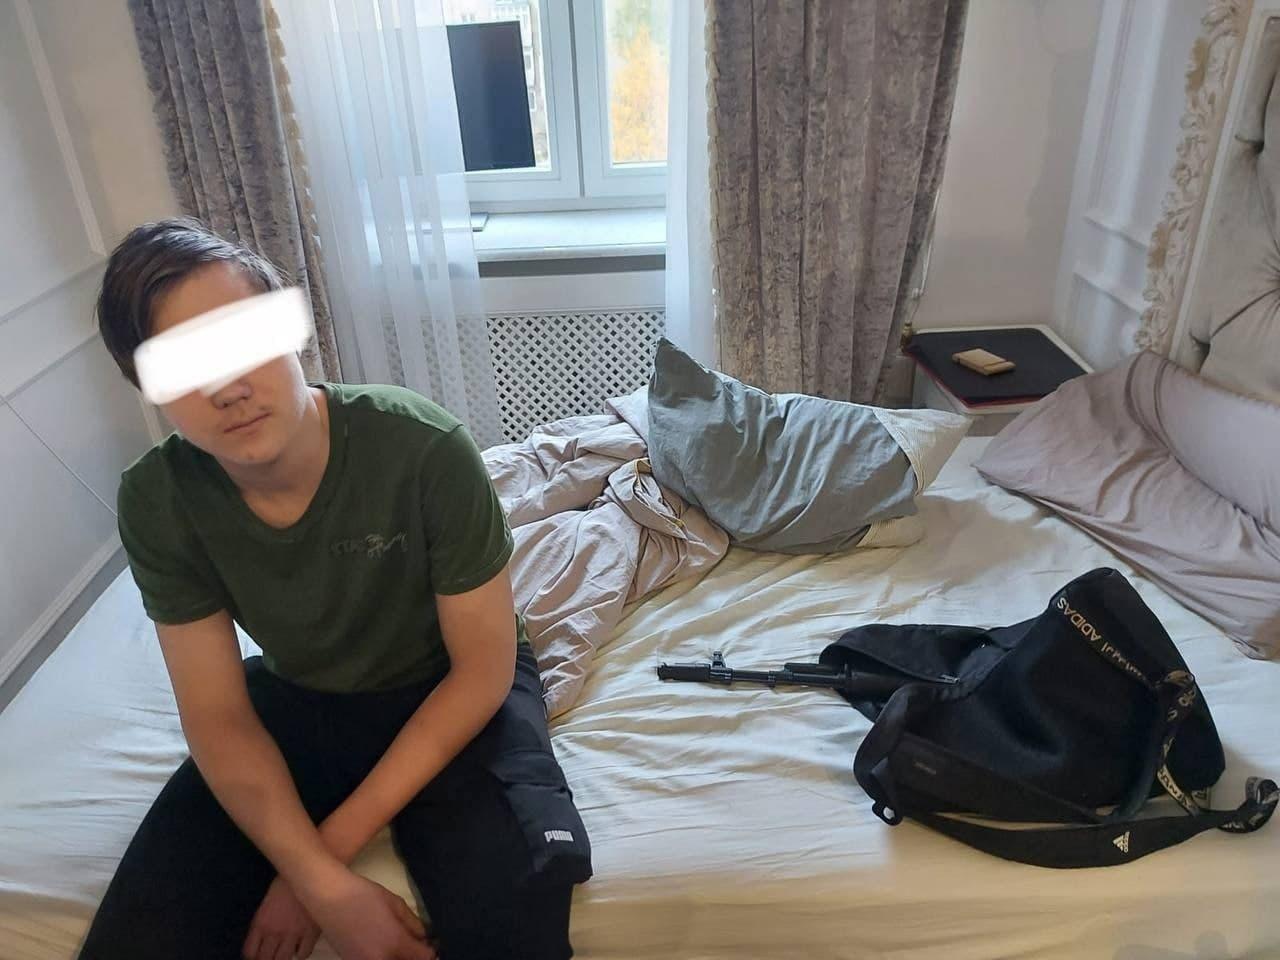 По предварительной информации, 15-летний подросток устроил стрельбы рядом со школой для того, чтобы записать видео для TikTok.